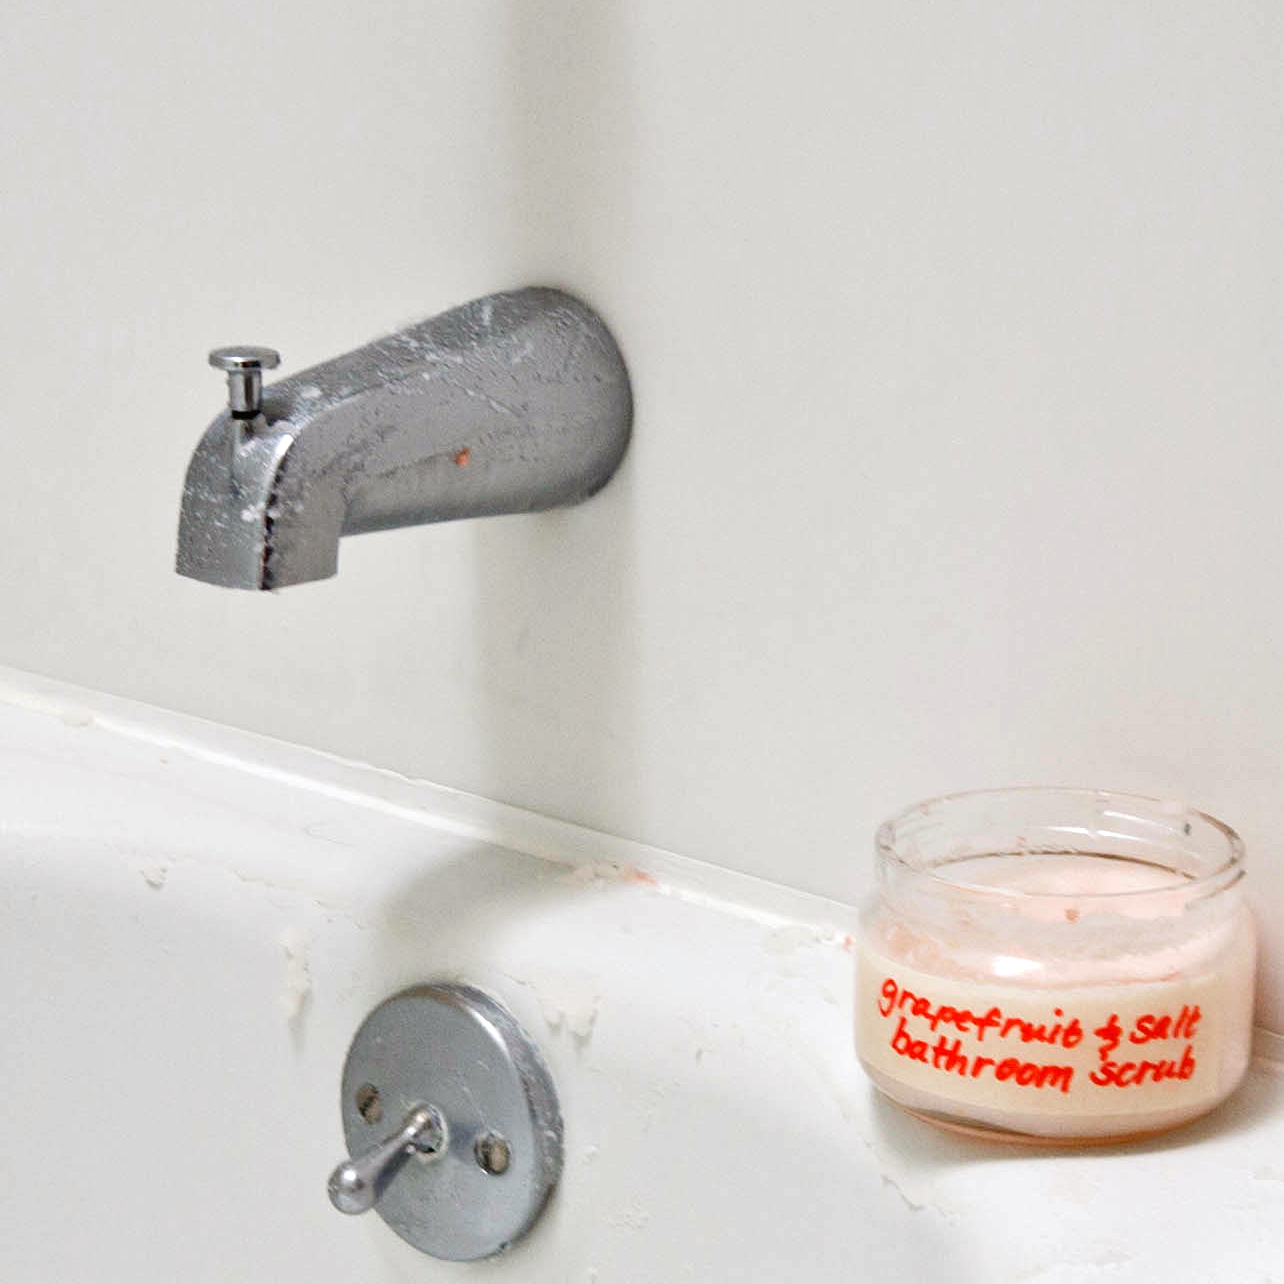 Grapefruit Salt Bathroom Scrub